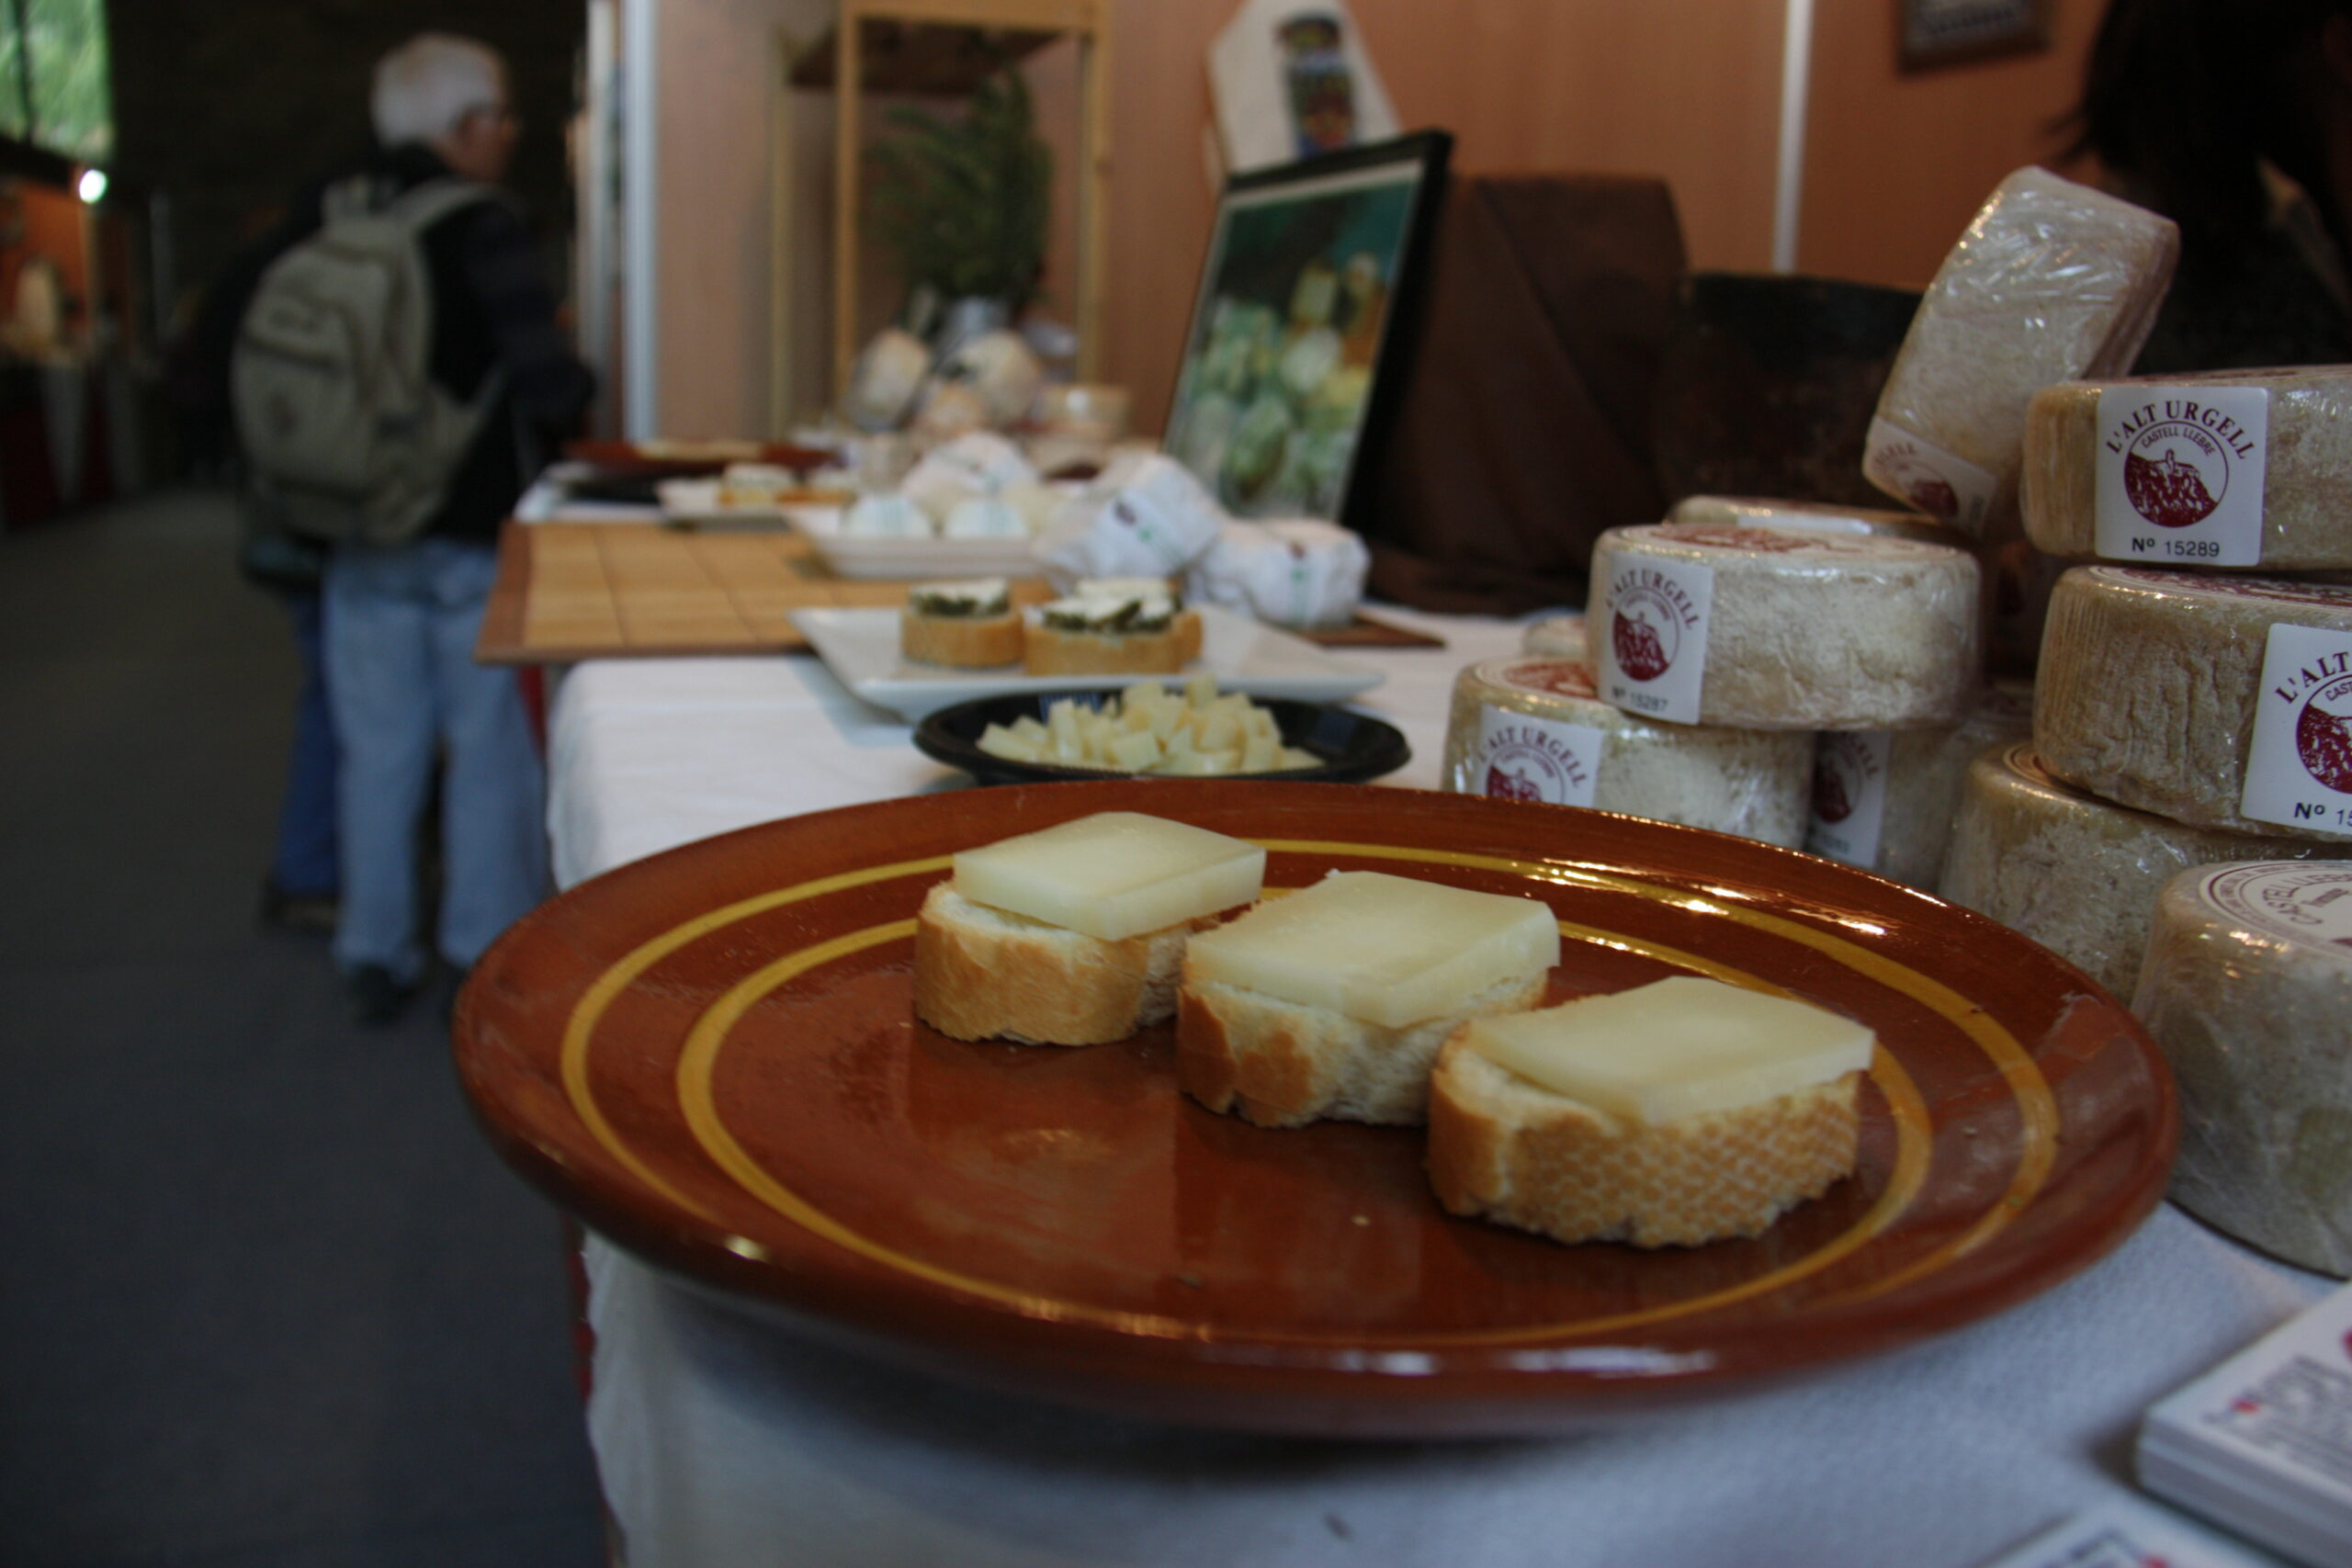 Diverses racions de formatge preparades per a una degustació en un dels expositors de la Fira de Formatges Artesans del Pirineu que acull la Seu d'Urgell, l'any 2018 | ACN